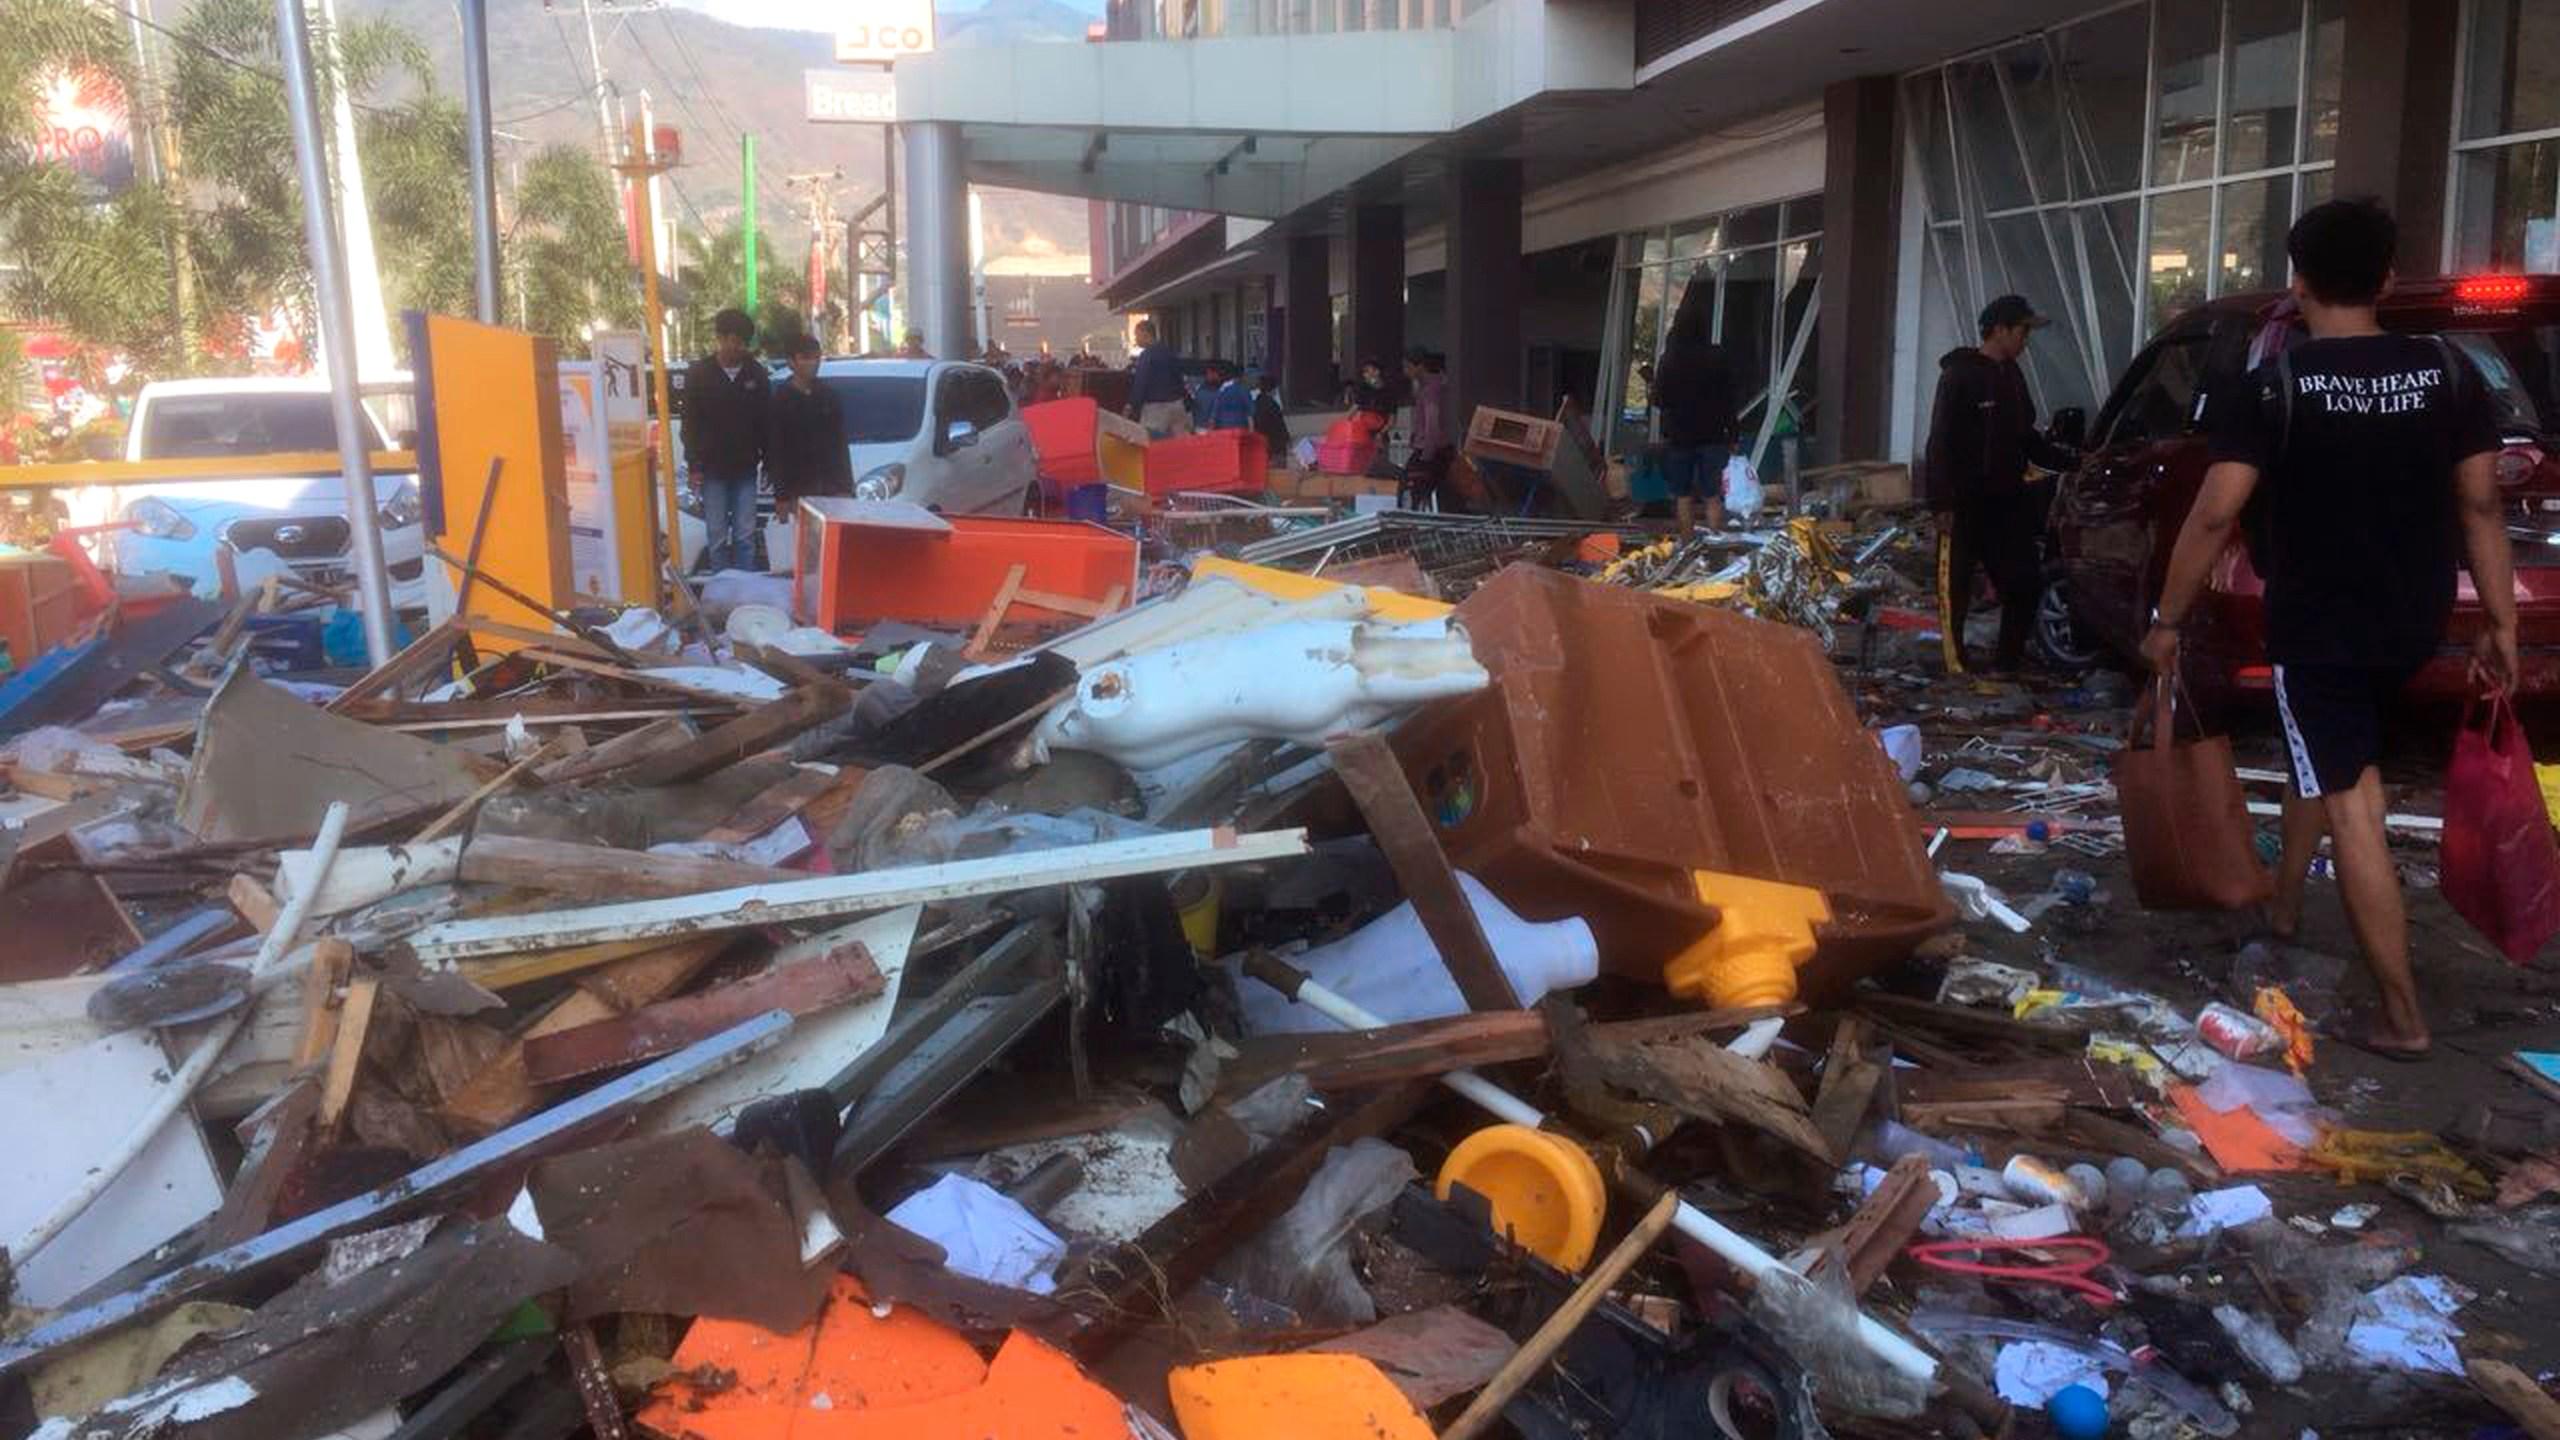 Indonesia_Earthquake_71218-159532.jpg68504295